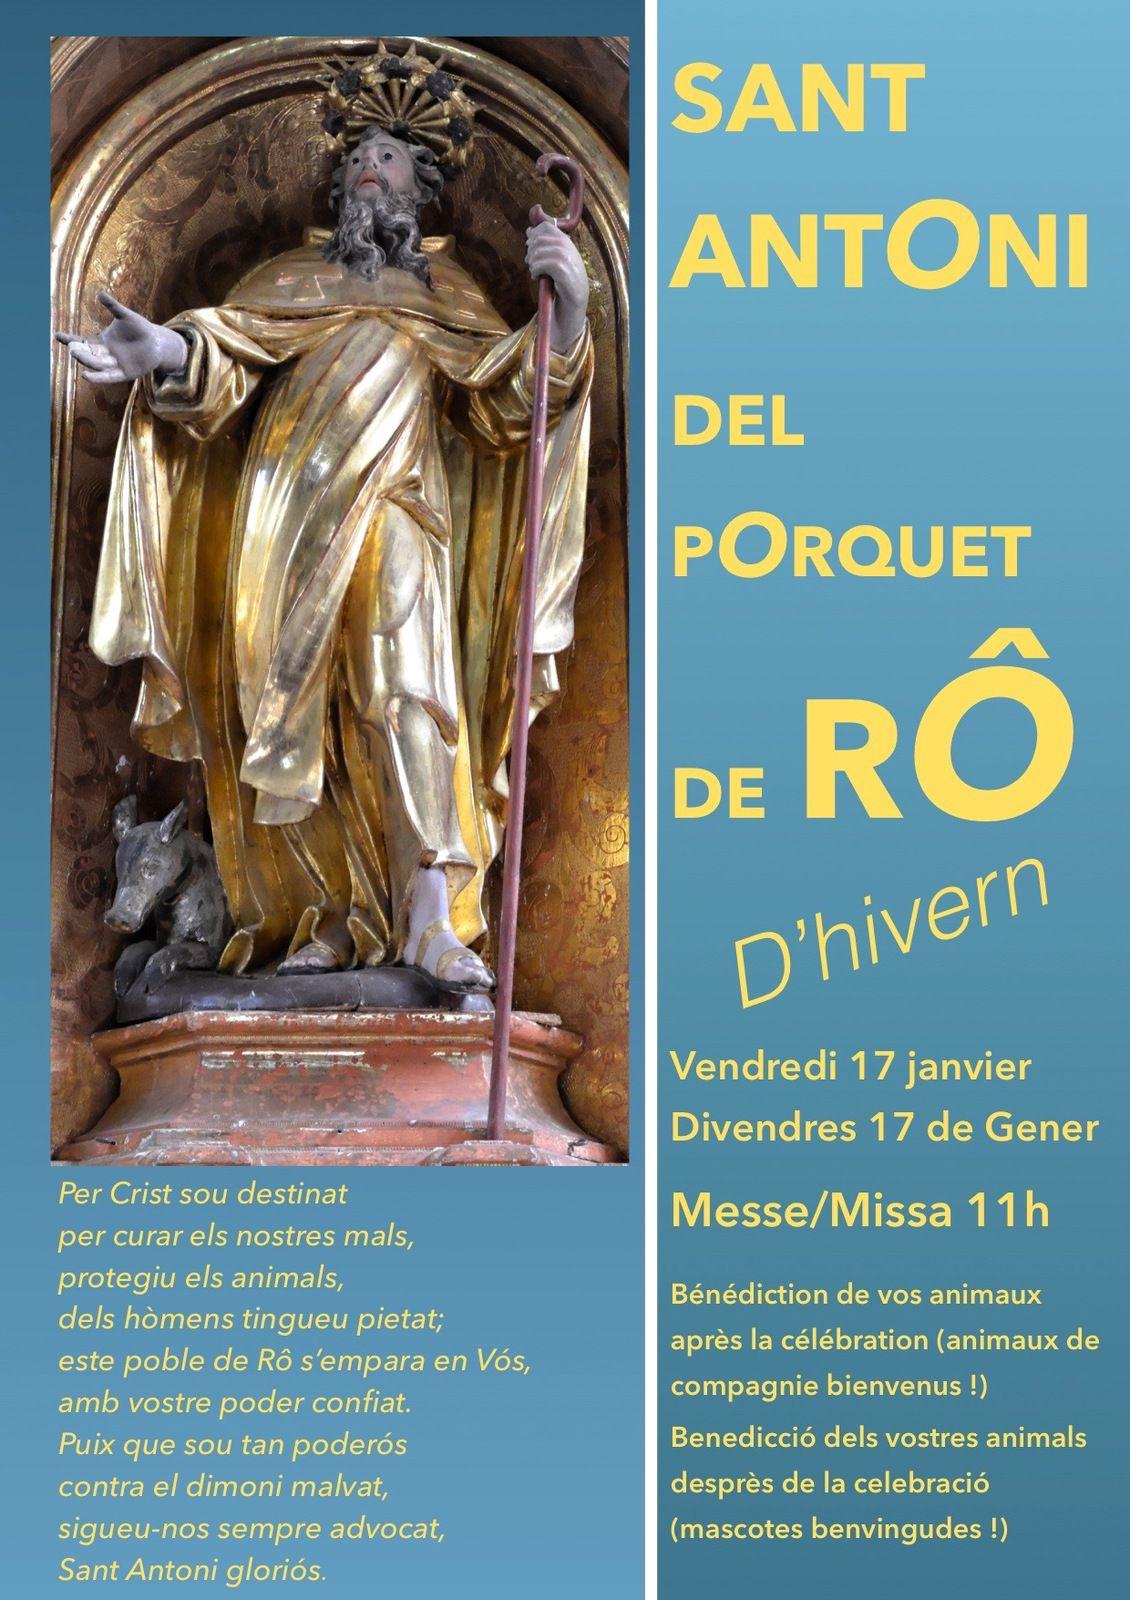 Sant Antoni del Porquet : les photos /les fotos...